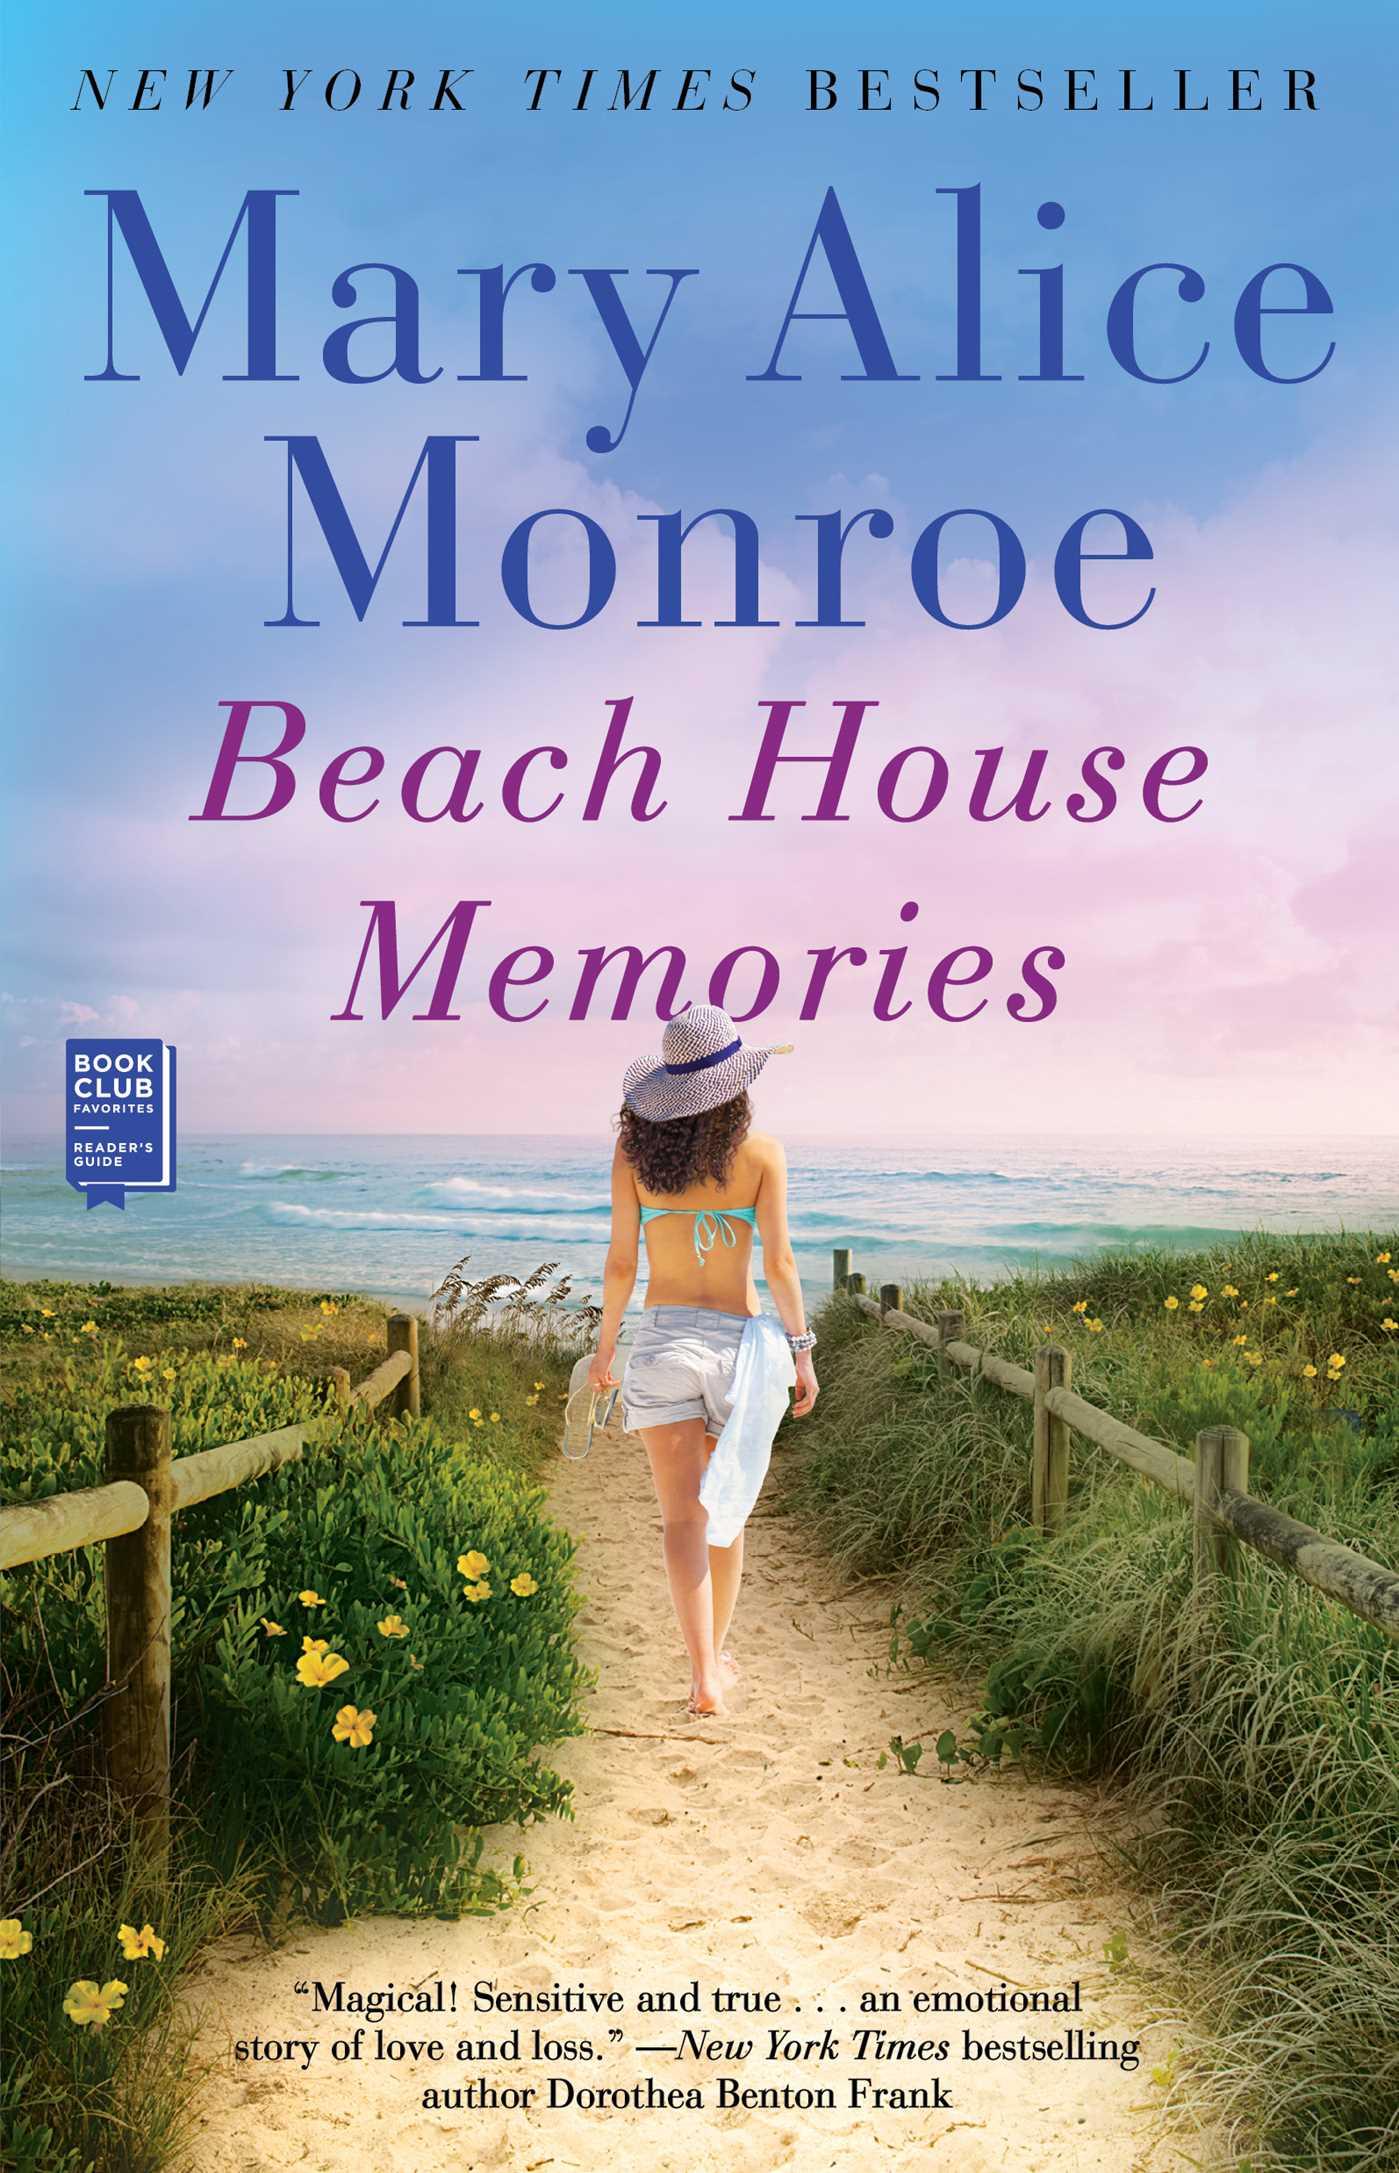 Beach house memories 9781439170946 hr